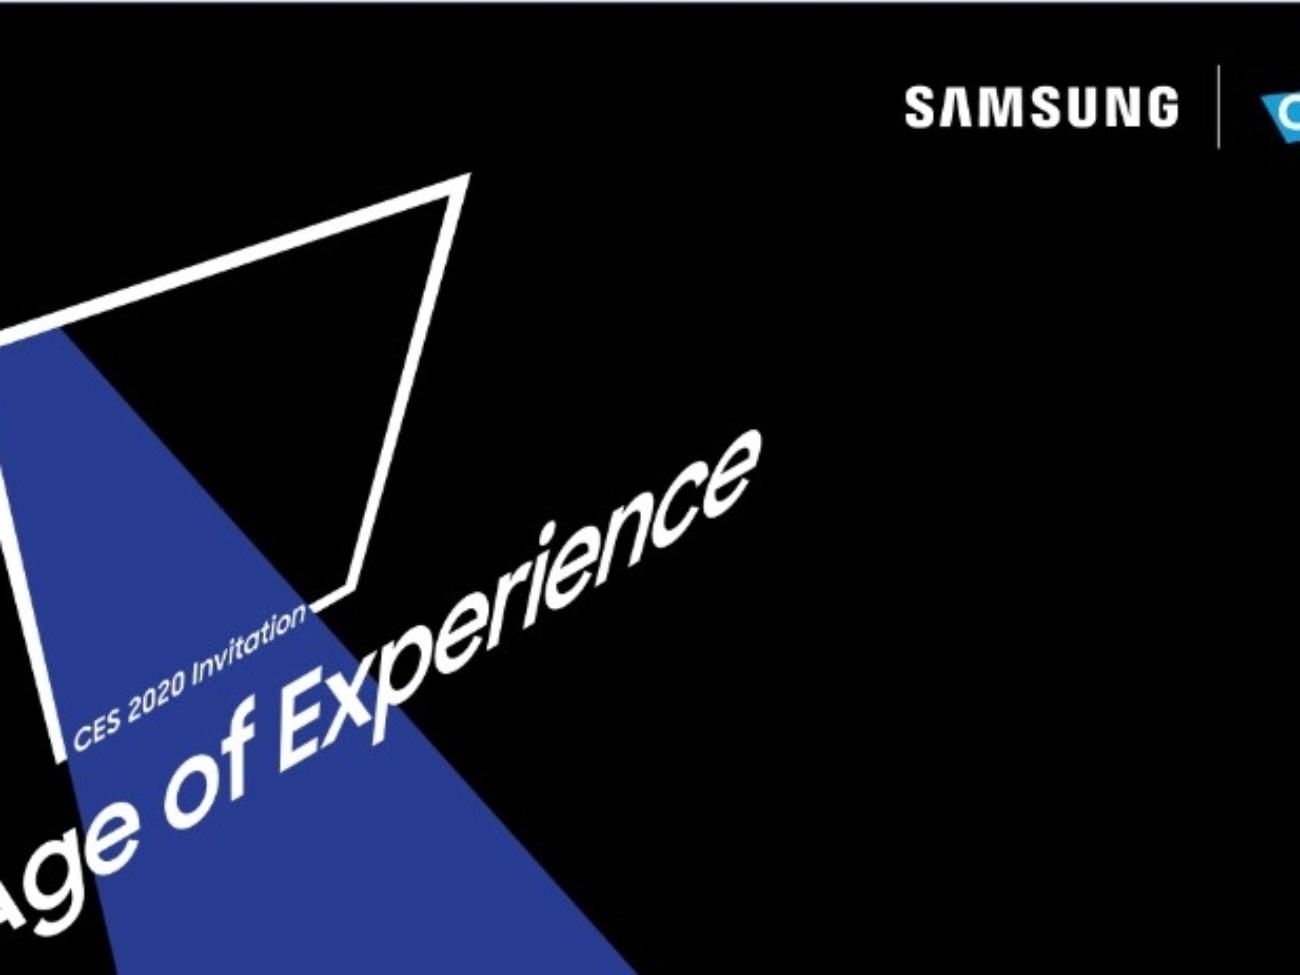 Samsung-CES-2020